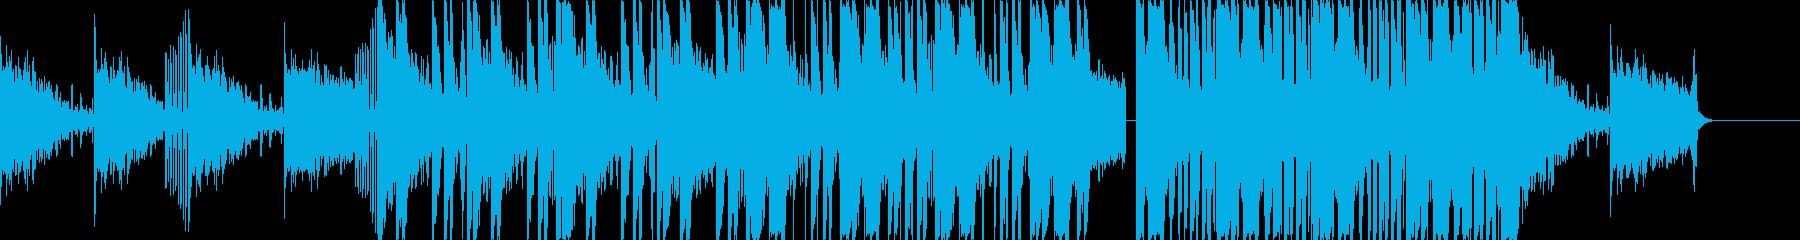 地底世界をイメージしたEDM/TRAP曲の再生済みの波形